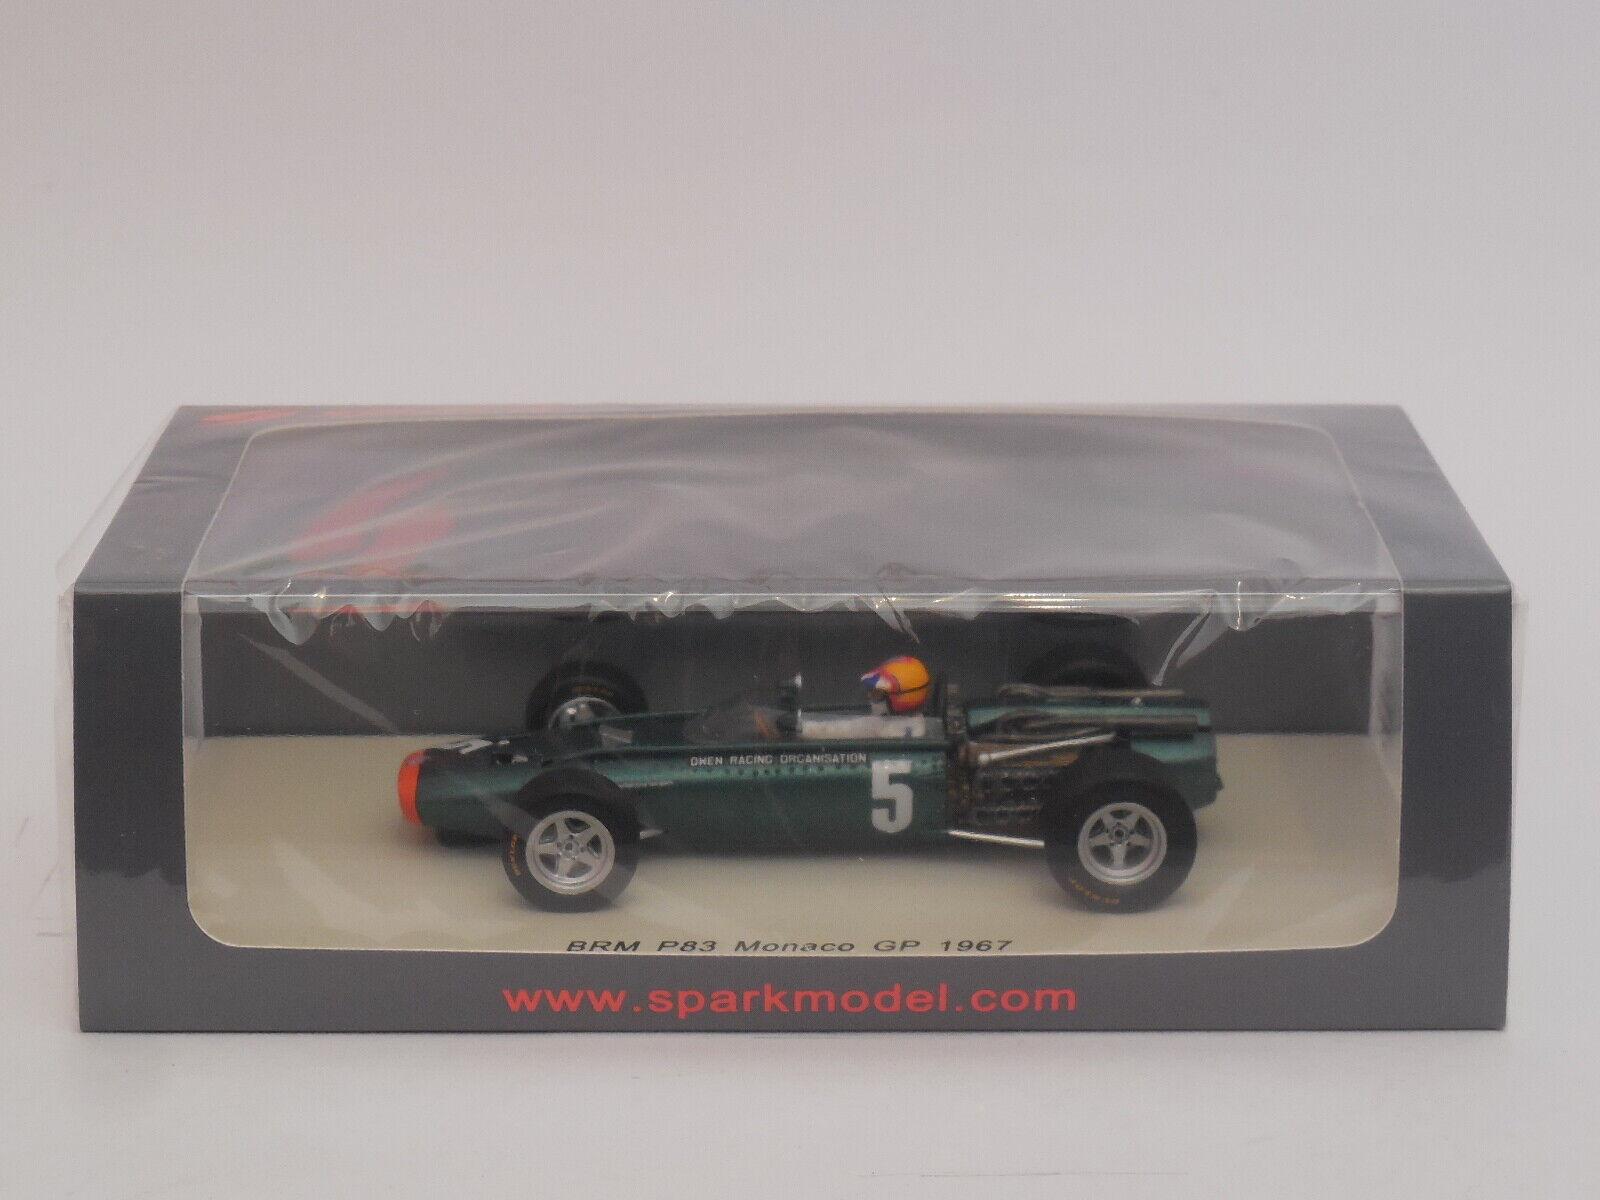 suministro de productos de calidad 1 43 Spark S4252 BRM P83 P83 P83   5 Mike Spence 1967 Monaco GP  diseño único